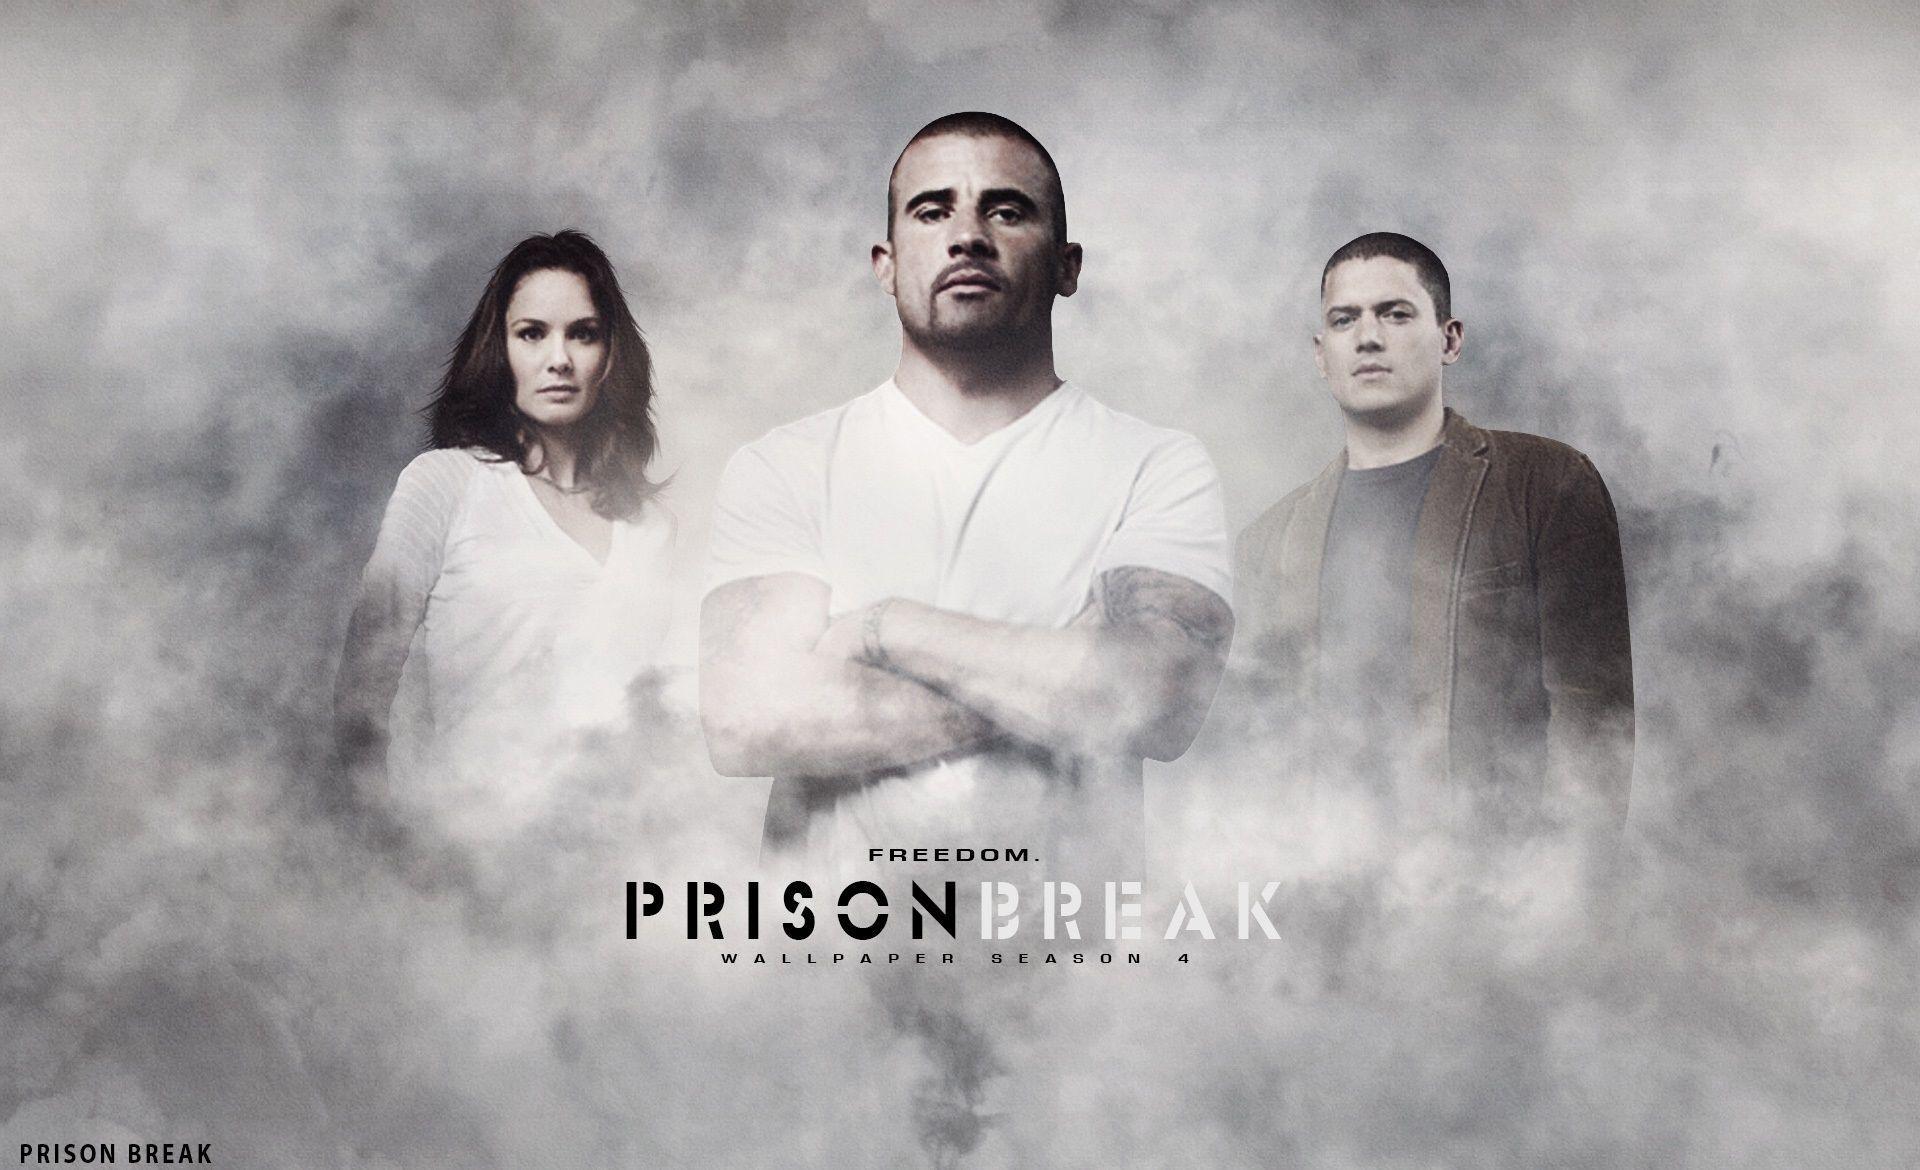 prison break season 4 wallpapers hd - drive.cheapusedmotorhome